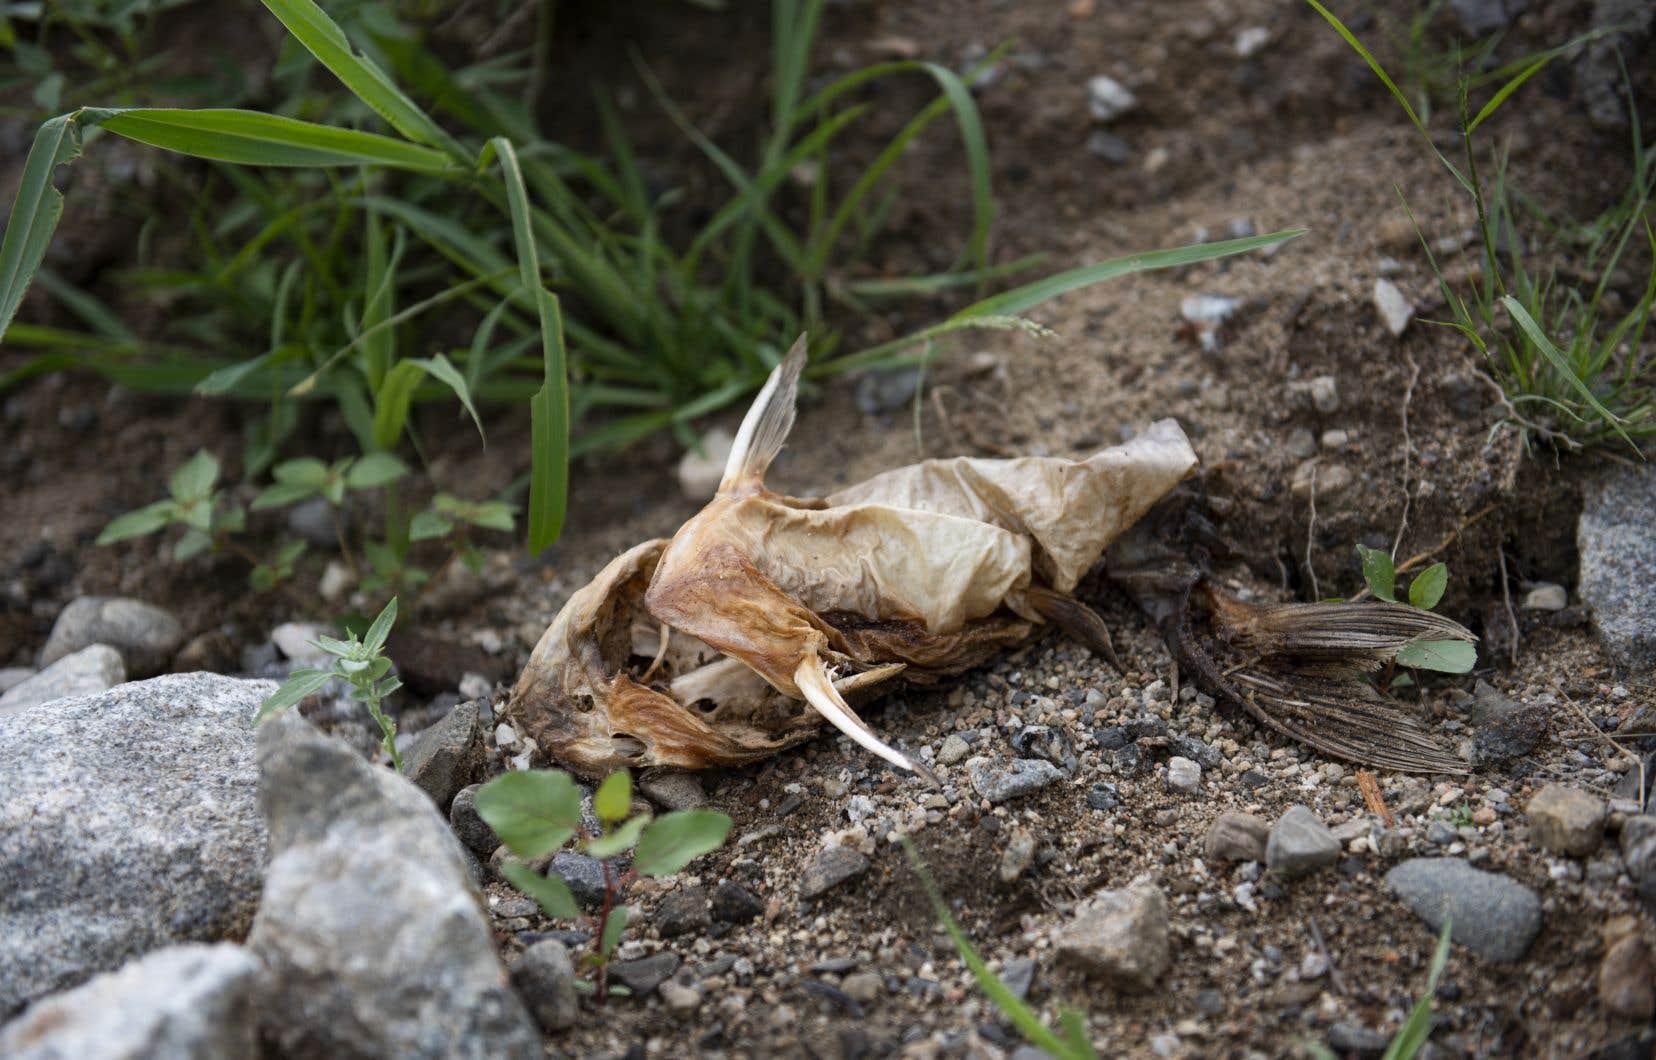 La cause de la mortalité des poissons est encore inconnue.